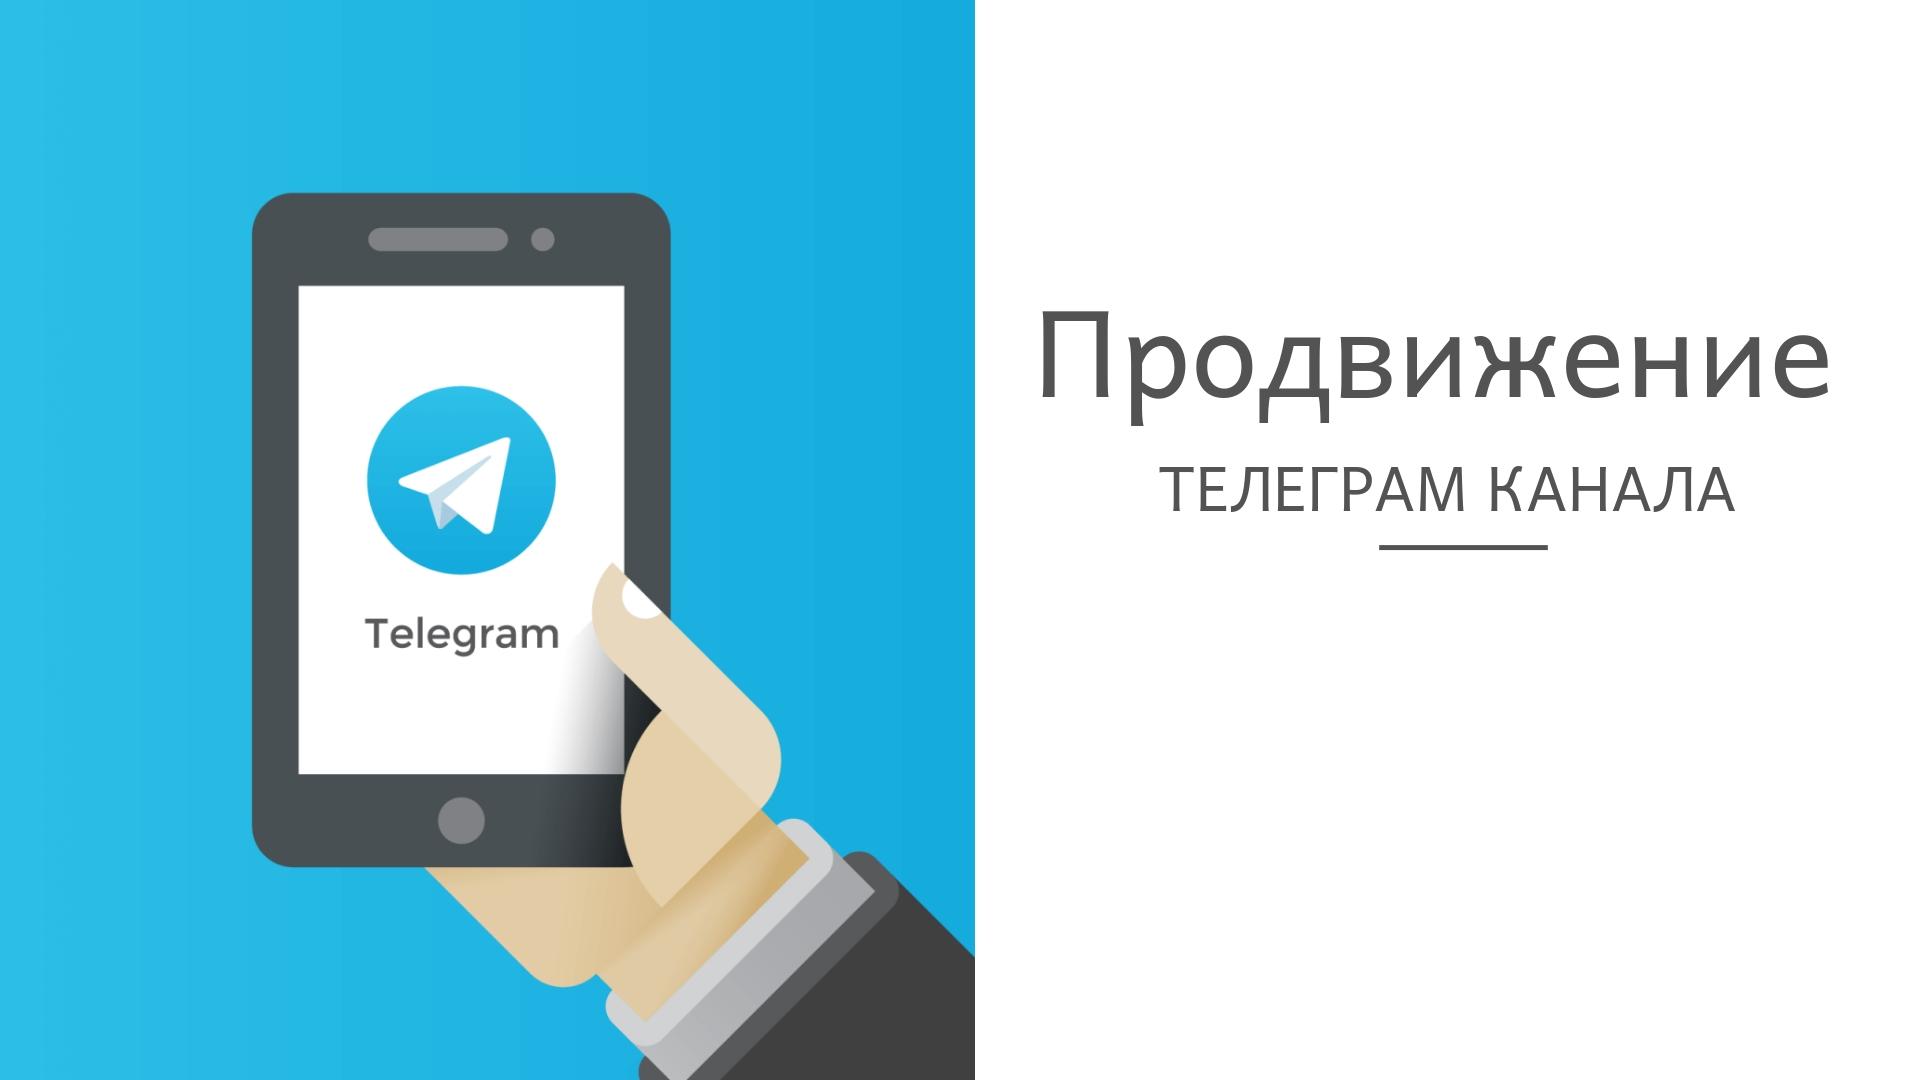 Продвижение телеграм канала